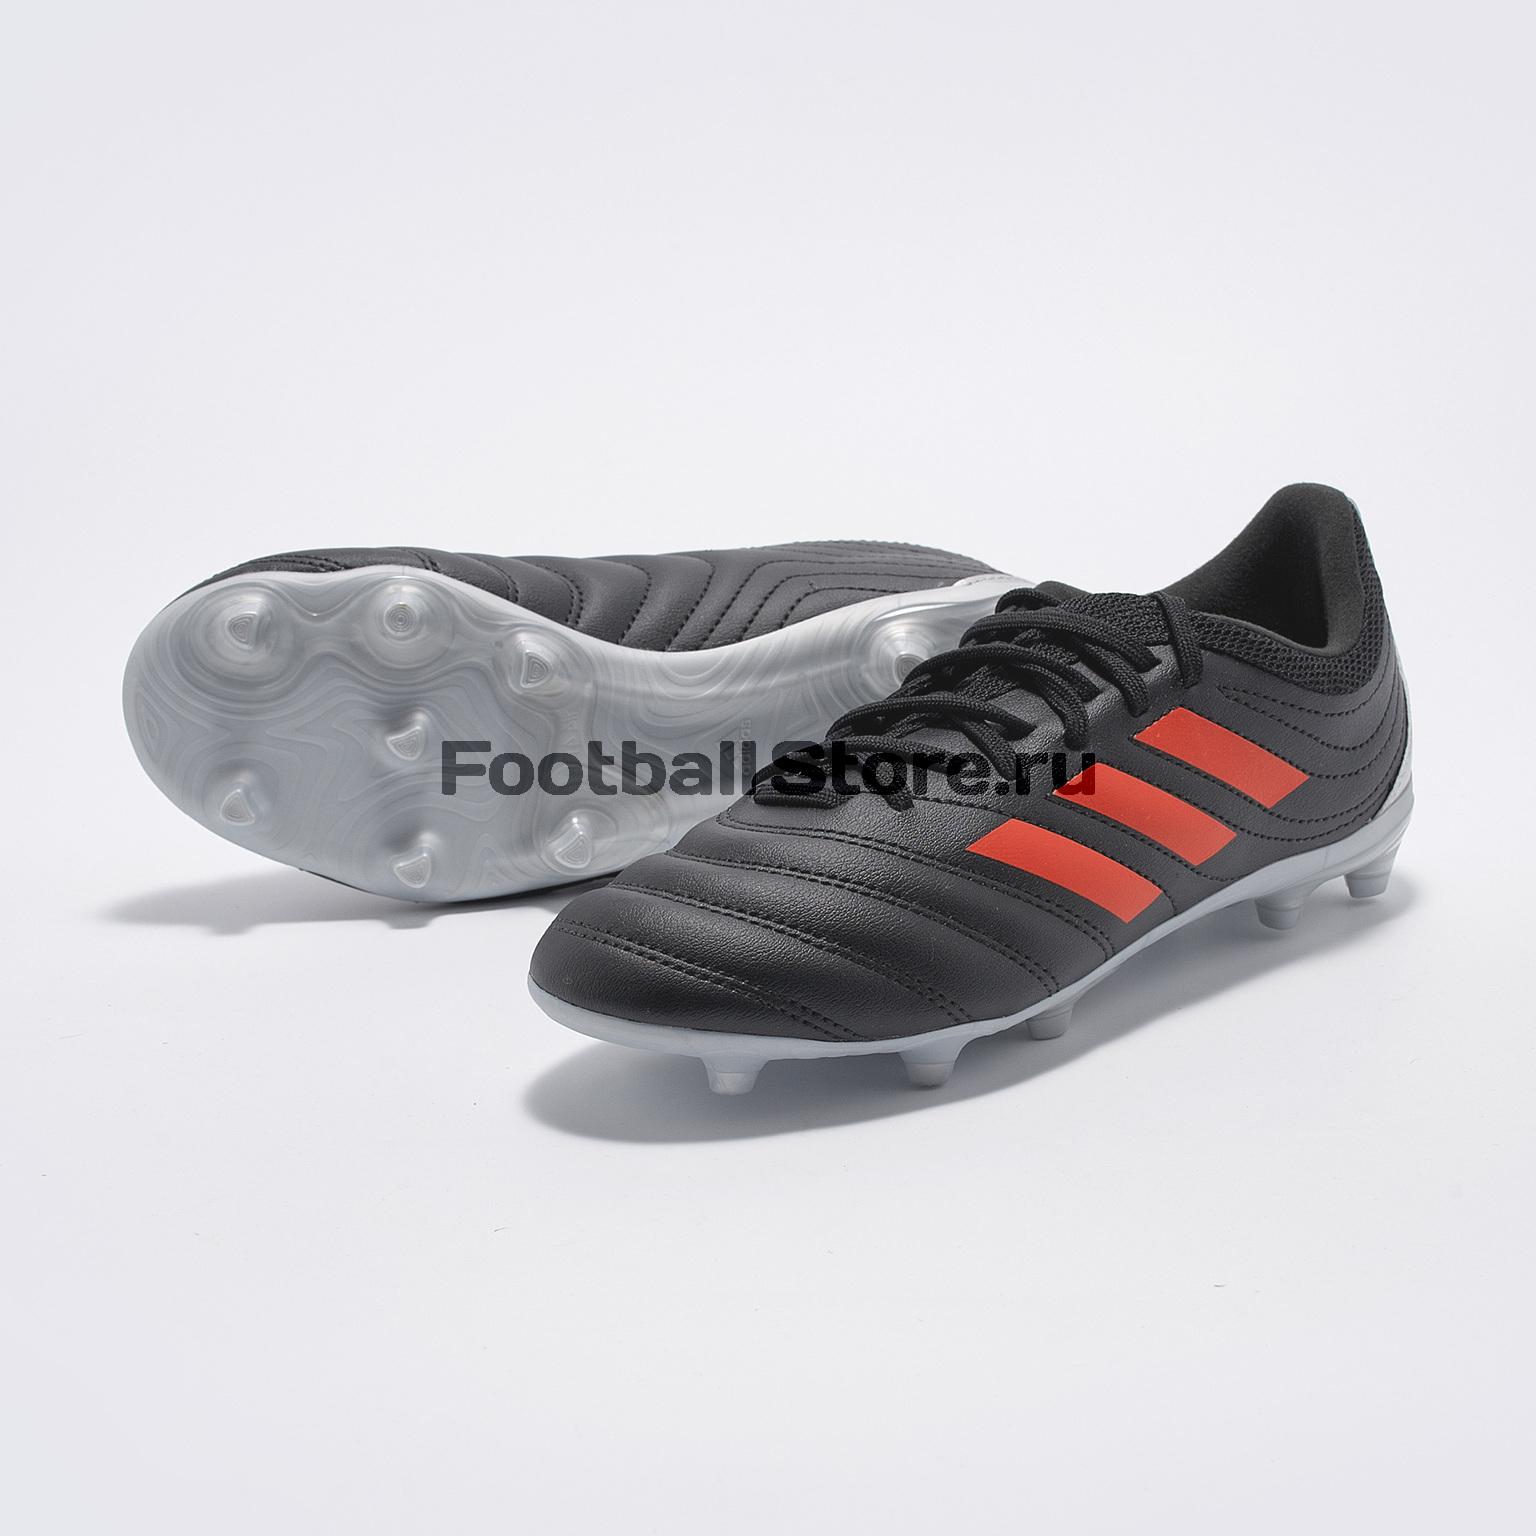 Бутсы детские Adidas Copa 19.3 FG JR F35465